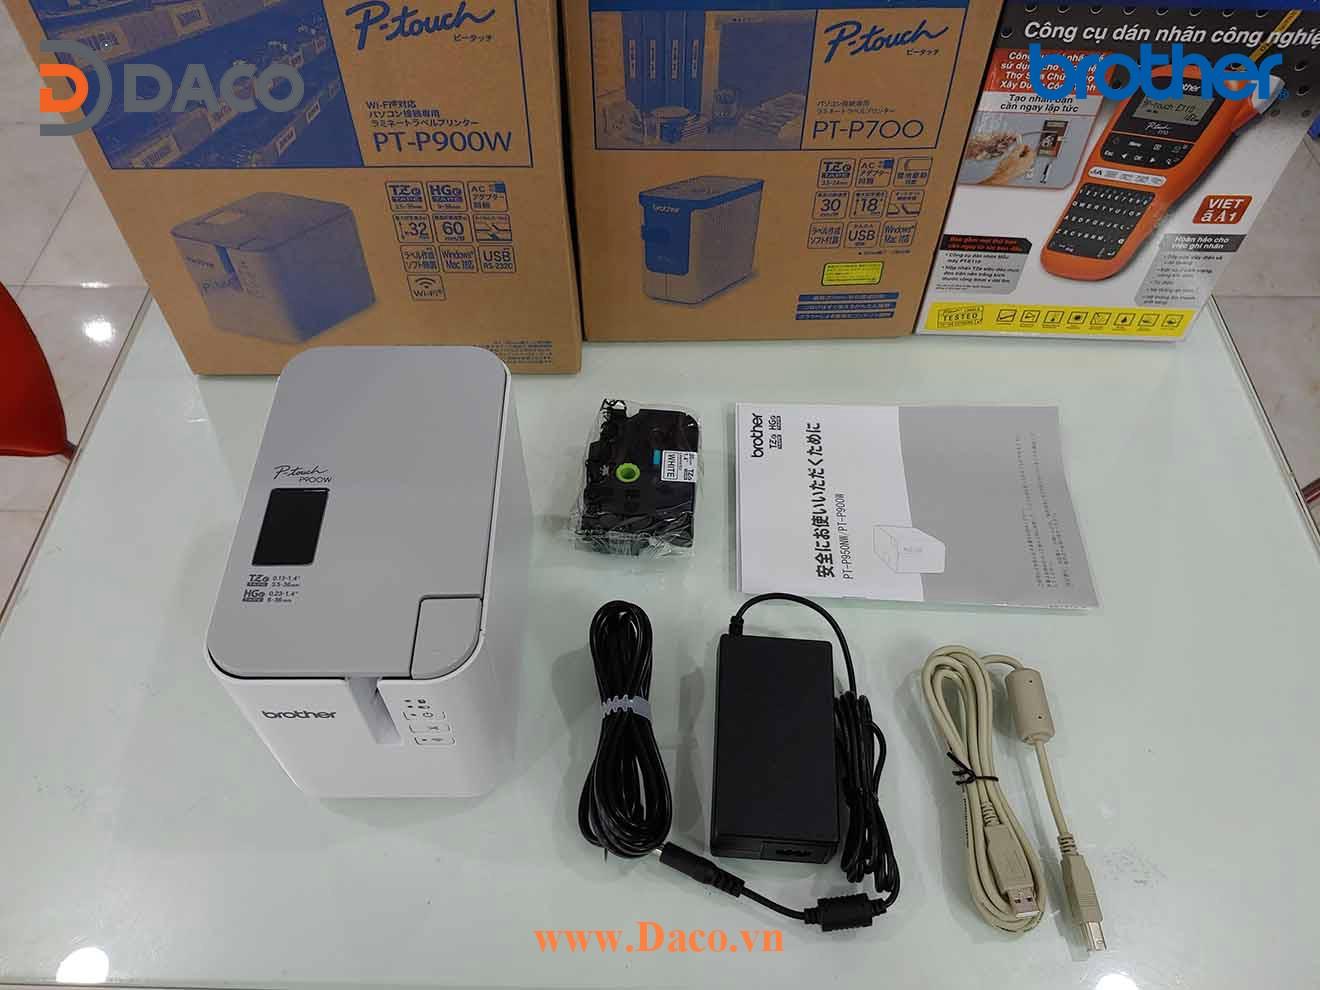 PT-P900W Hình ảnh thực tế Máy in nhãn để bàn chuyên dụng Brother 6-9-12-18-24-36 mm